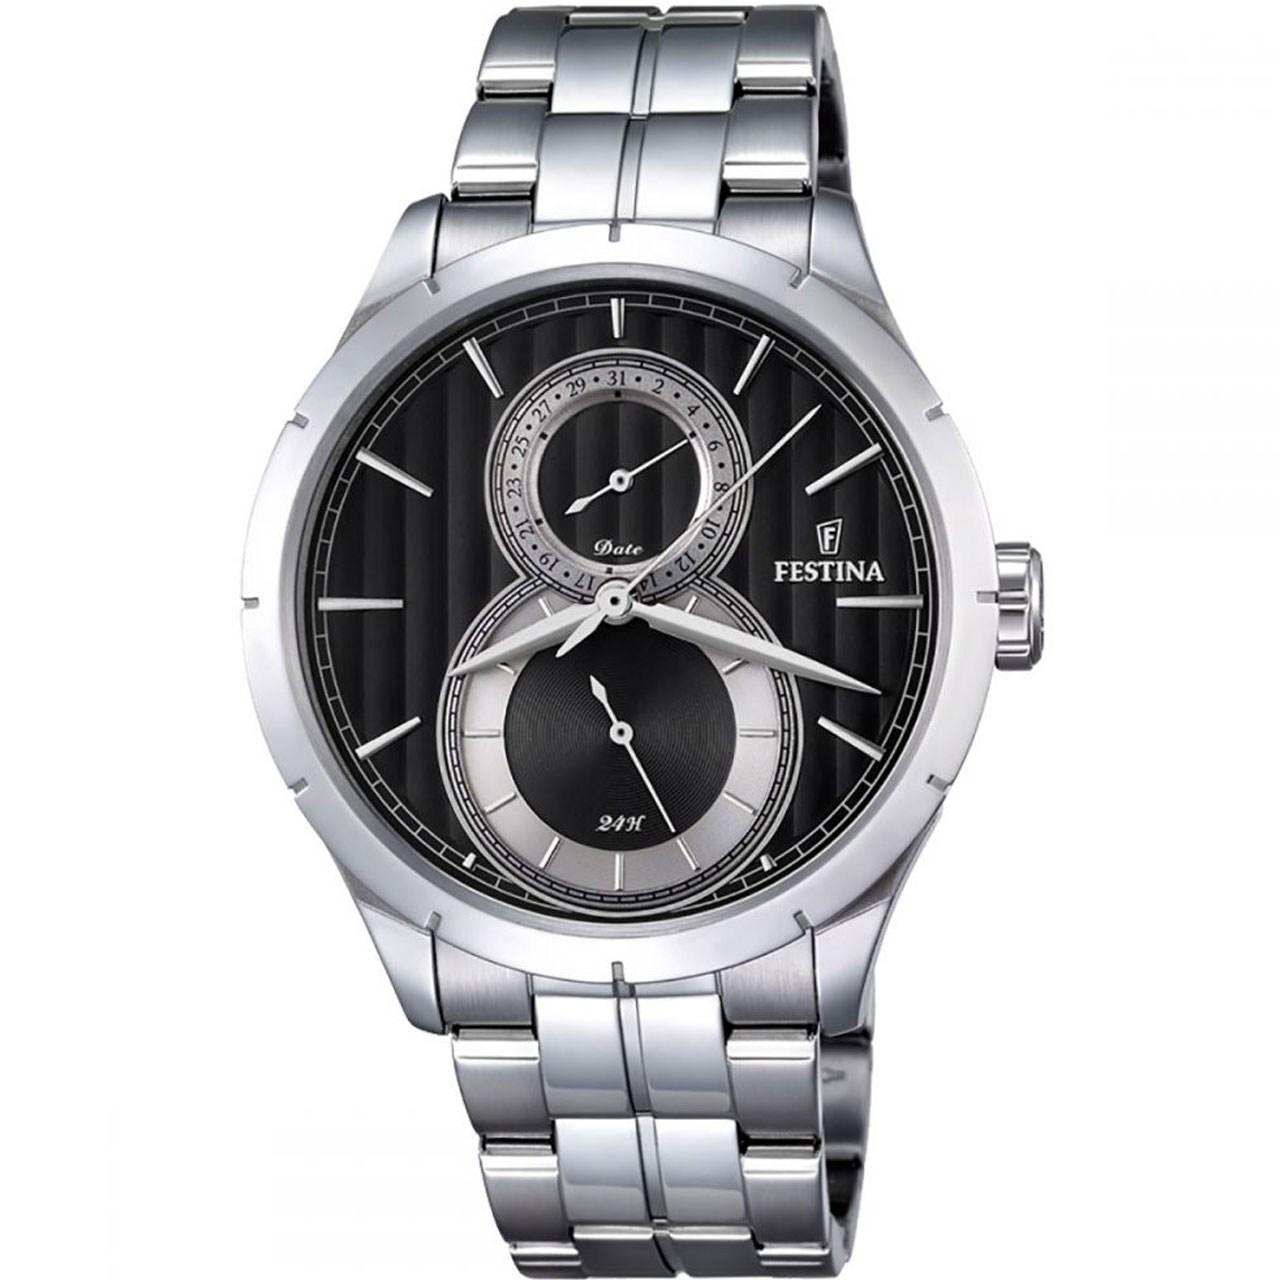 ساعت مچی عقربه ای مردانه فستینا مدل f16891/6 19